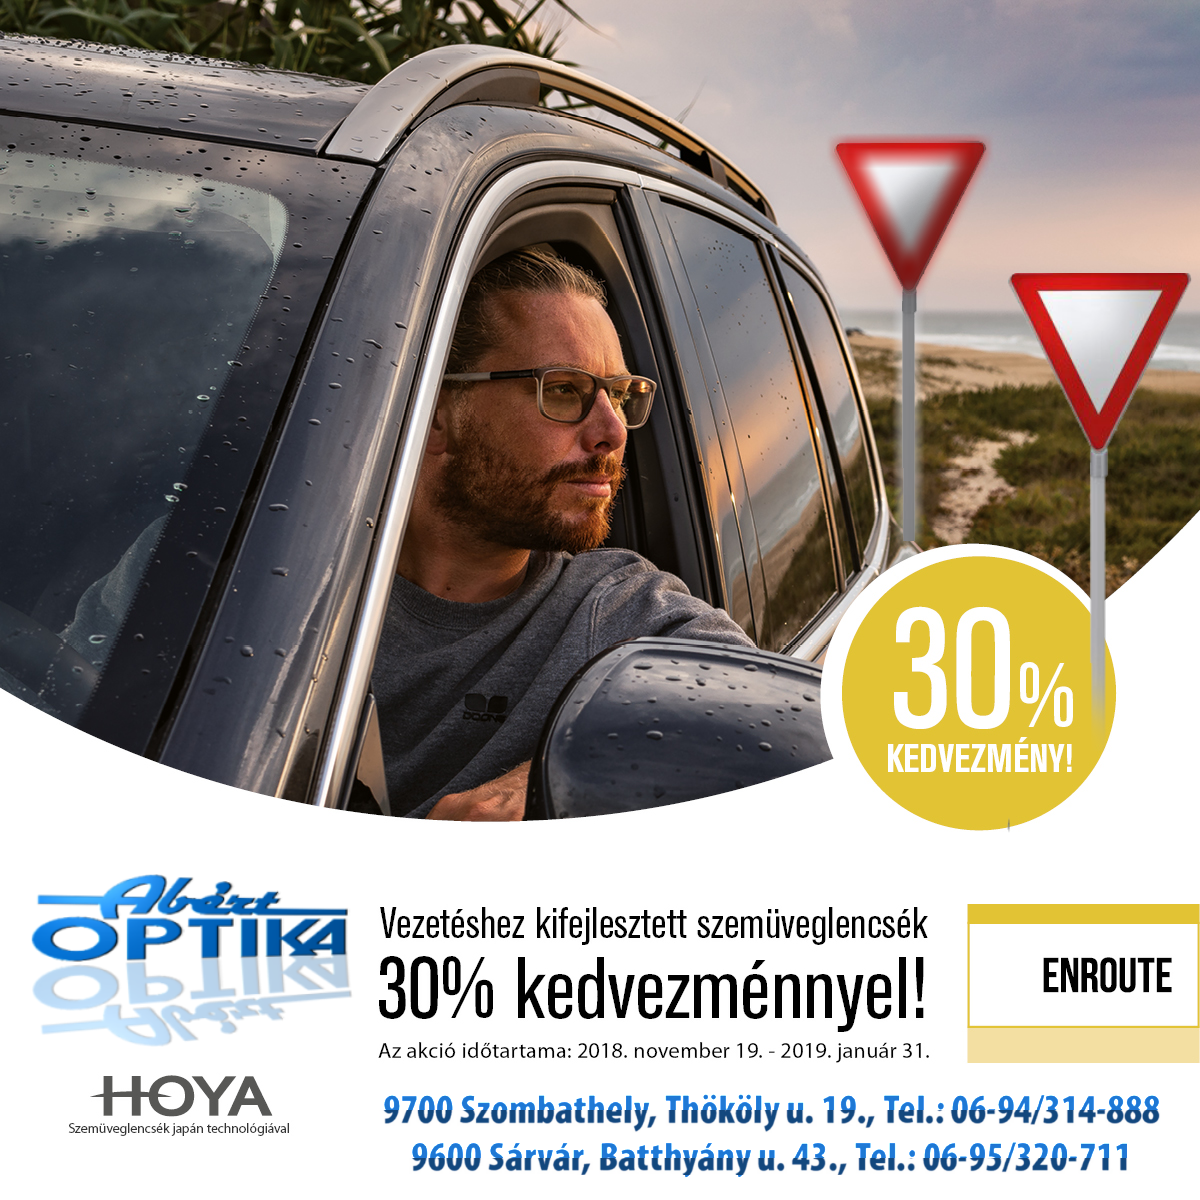 Vezetéshez kifejlesztett szemüveglencsék 30% kedvezménnyel! 5ccffa1e39